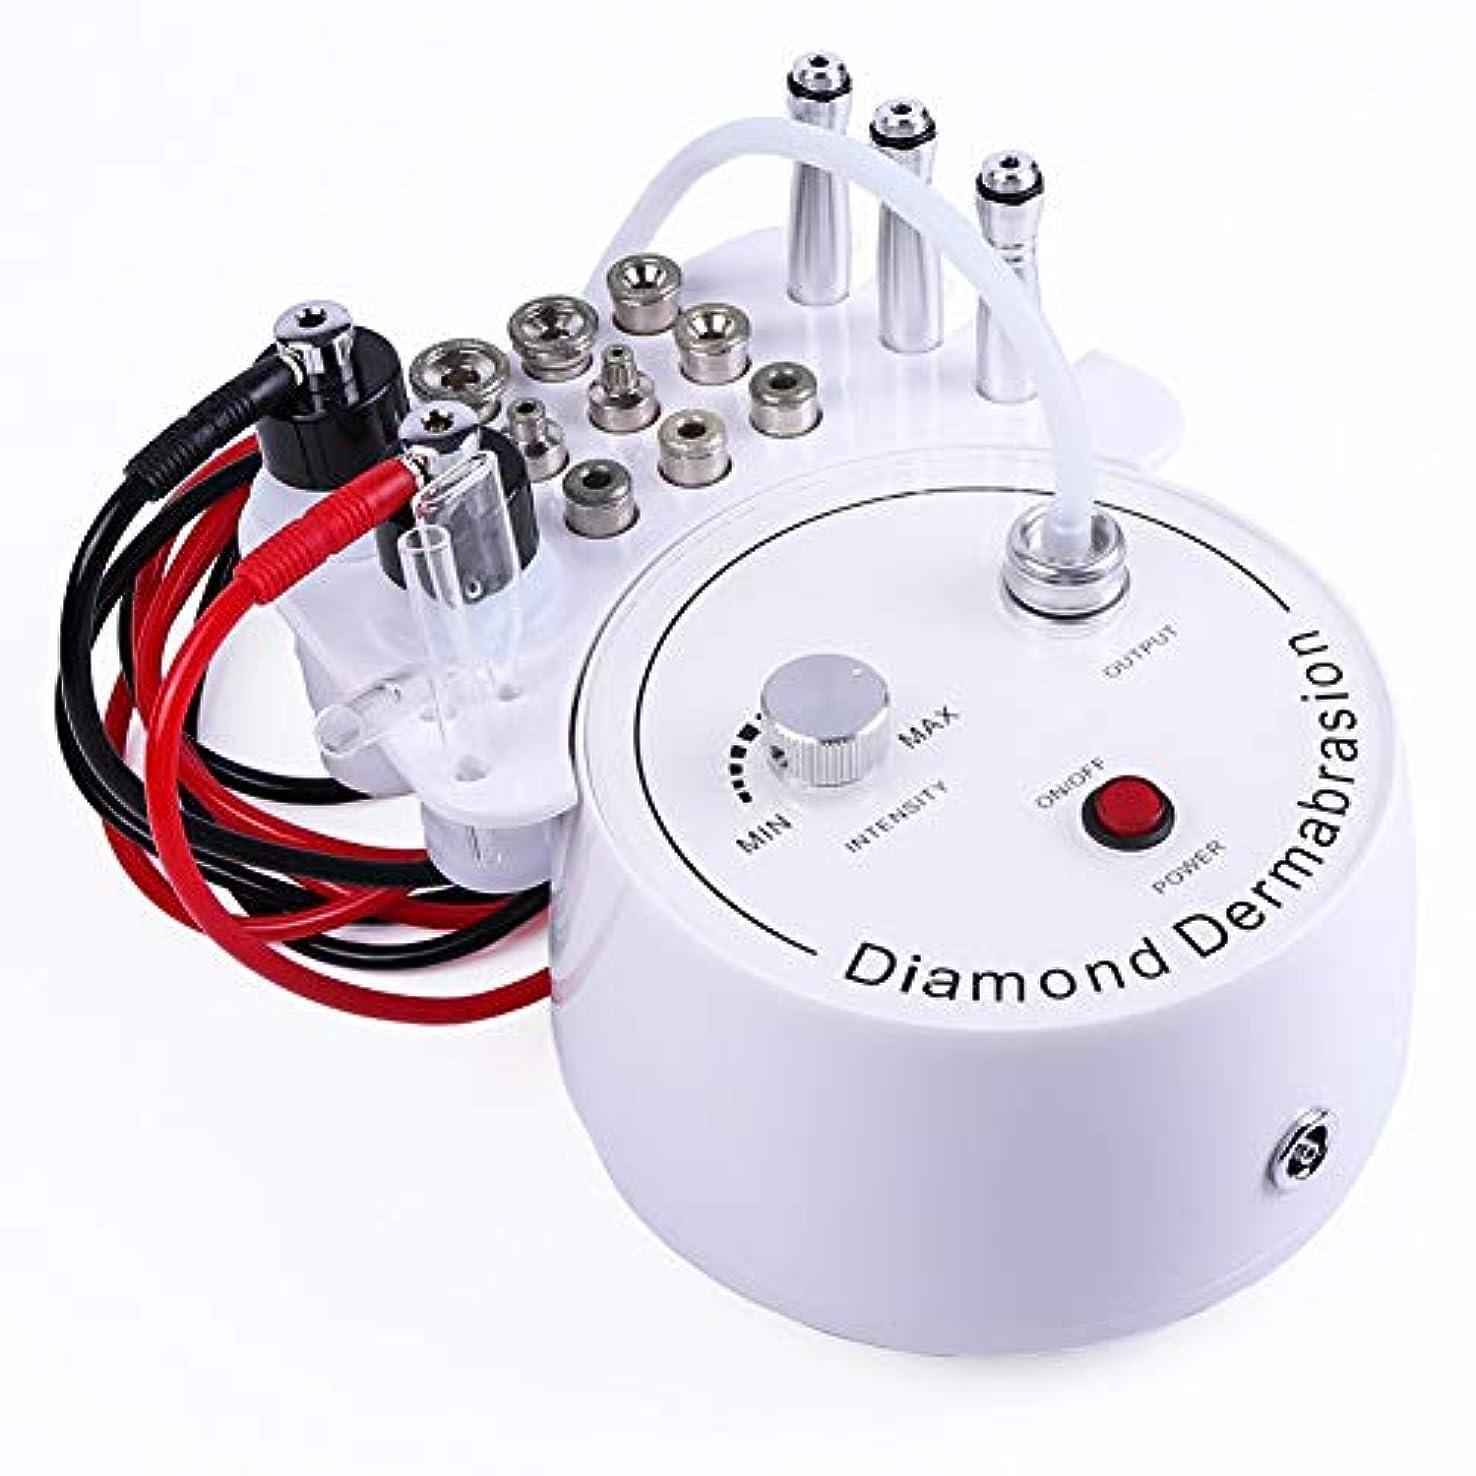 生まれ委託スマート3で1 ダイヤモンド マイクロダーマブレーション 皮膚剥離 機械 水スプレー 剥離 美容機 しわ フェイシャル ピーリング デバイス